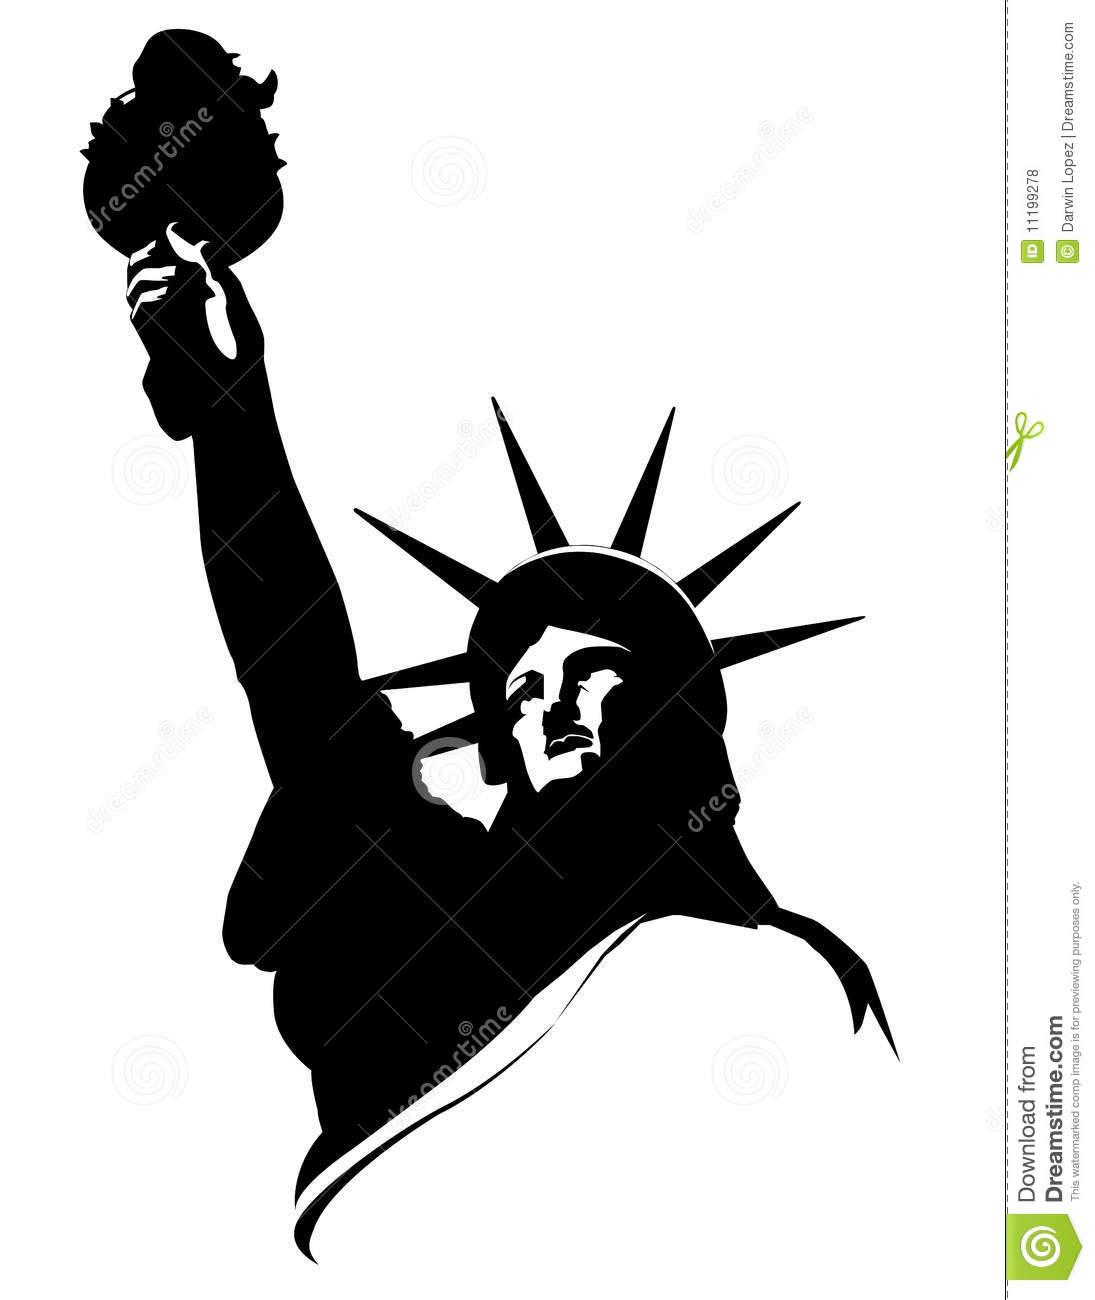 1095x1300 Statue Of Liberty Clipart Stencil